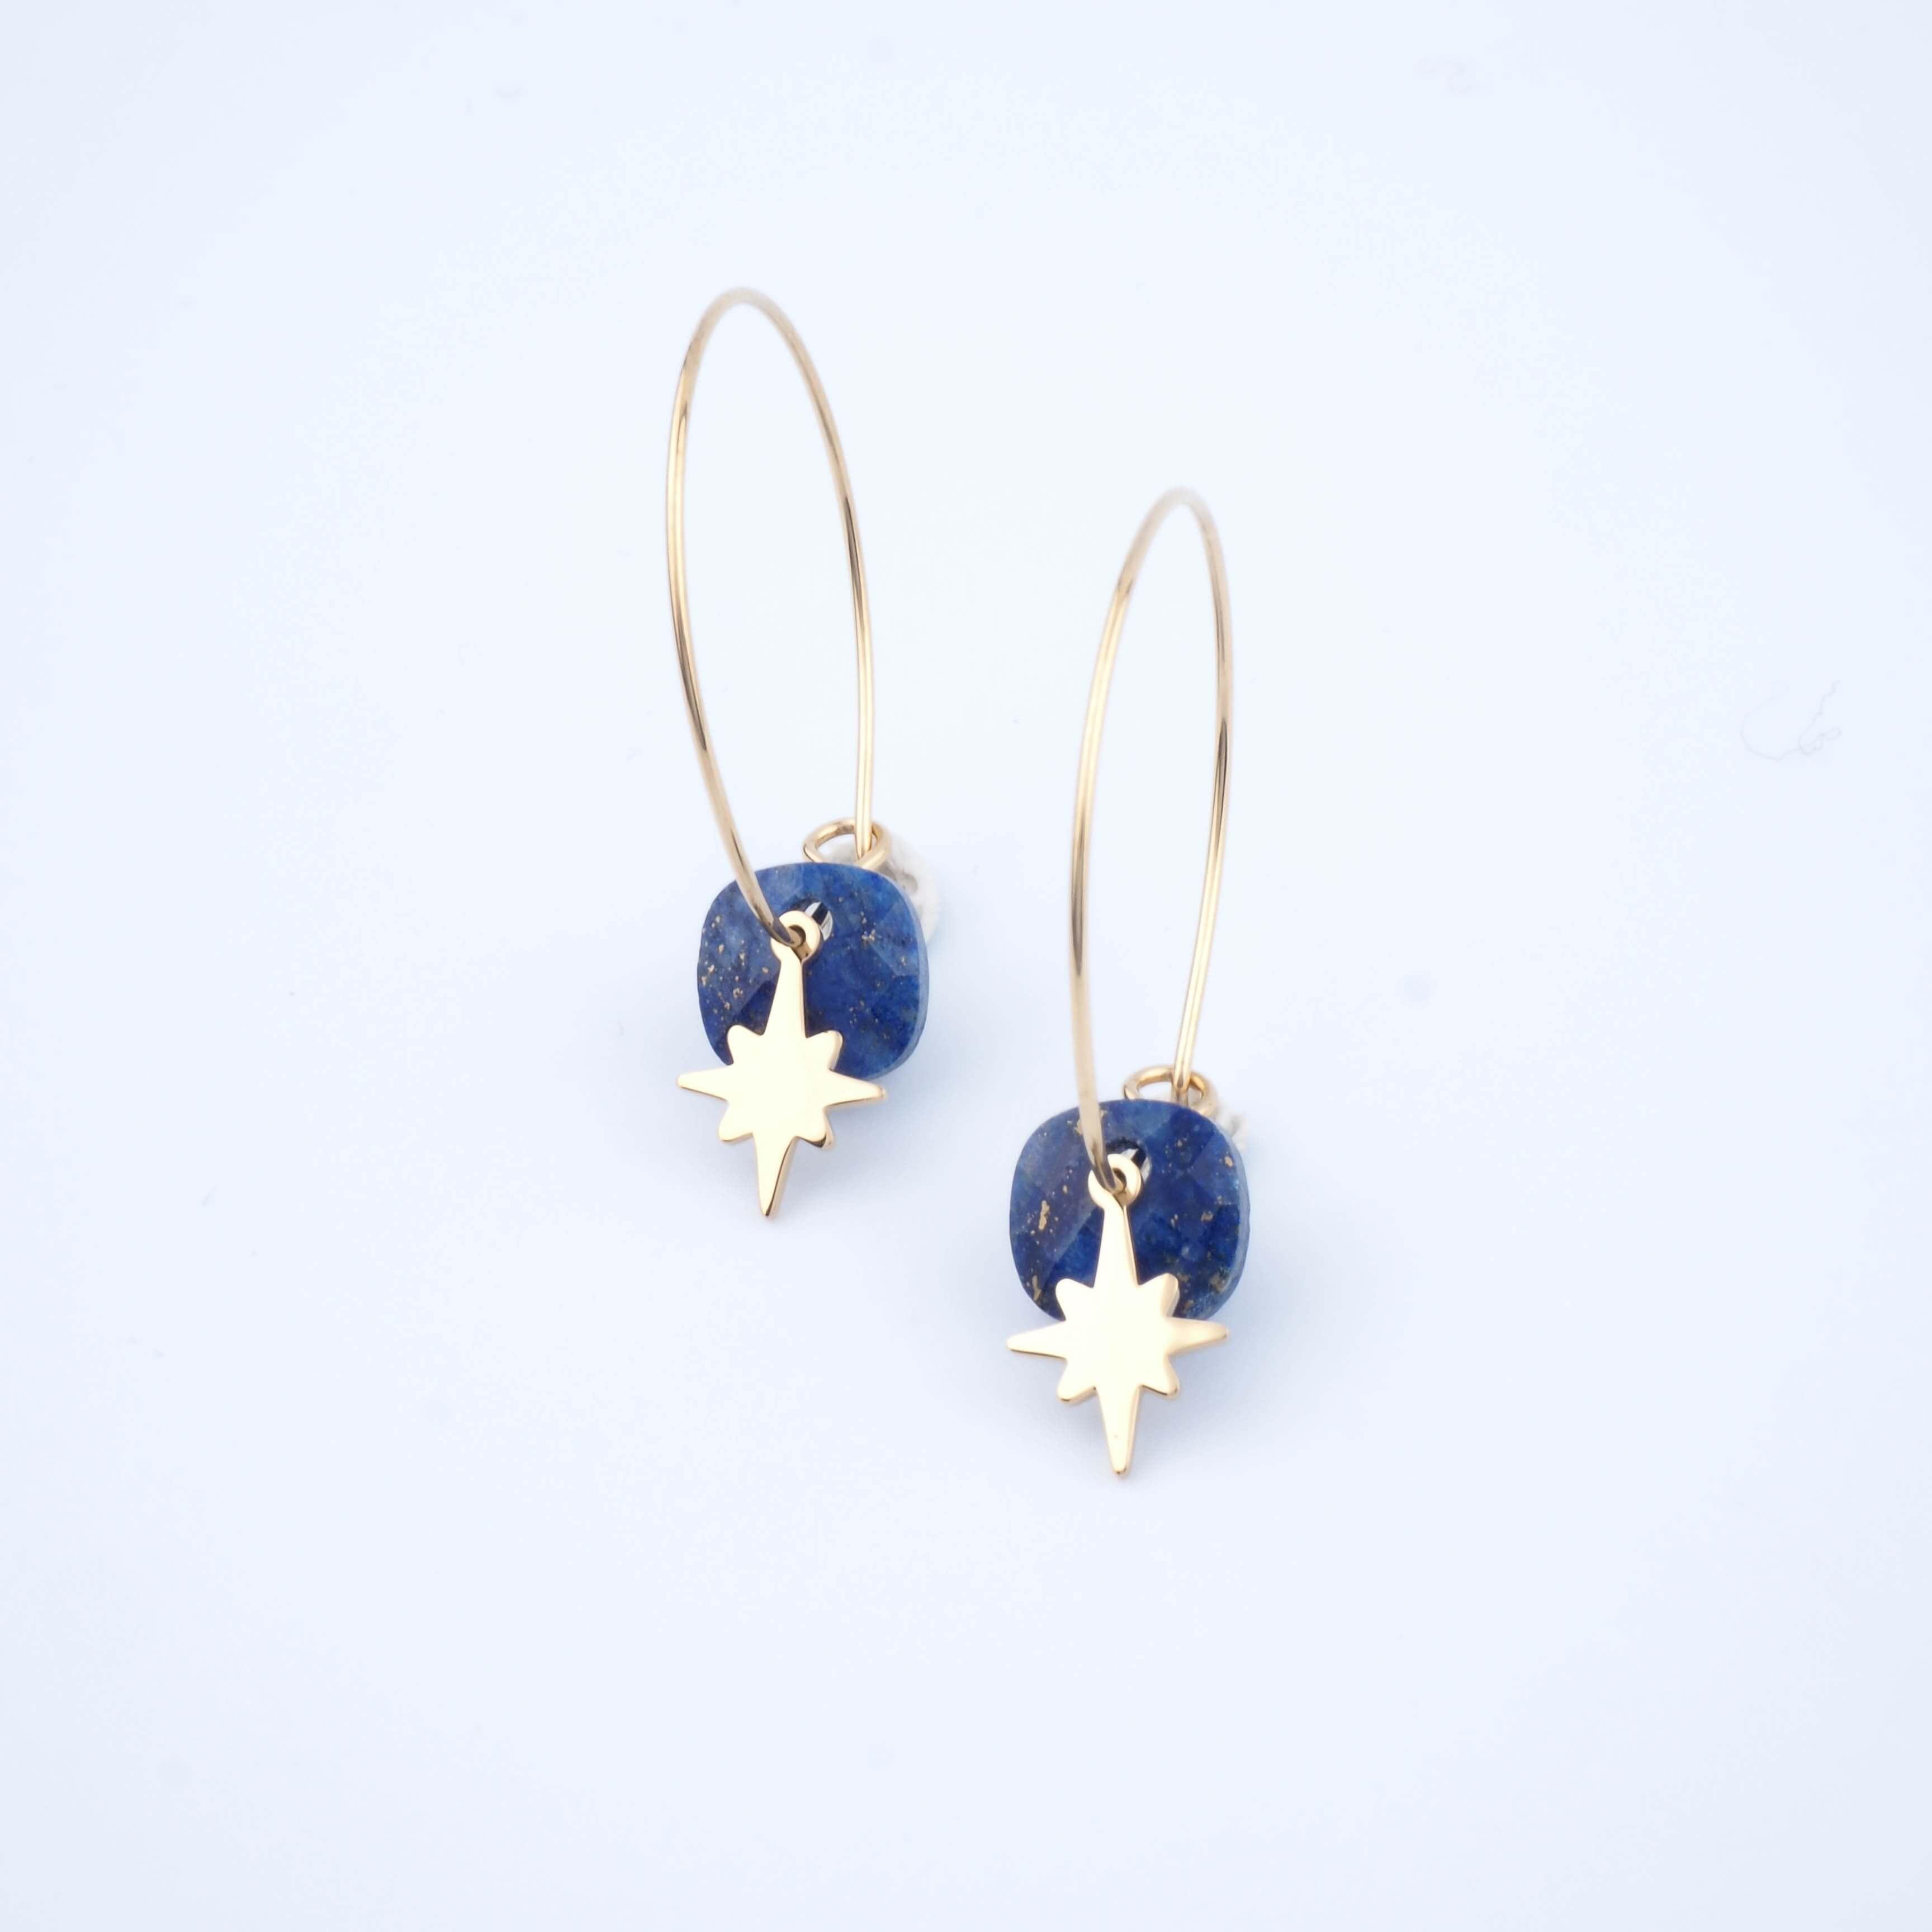 Boucles d'oreilles créoles Théa lapis lazuli - Zag Bijoux